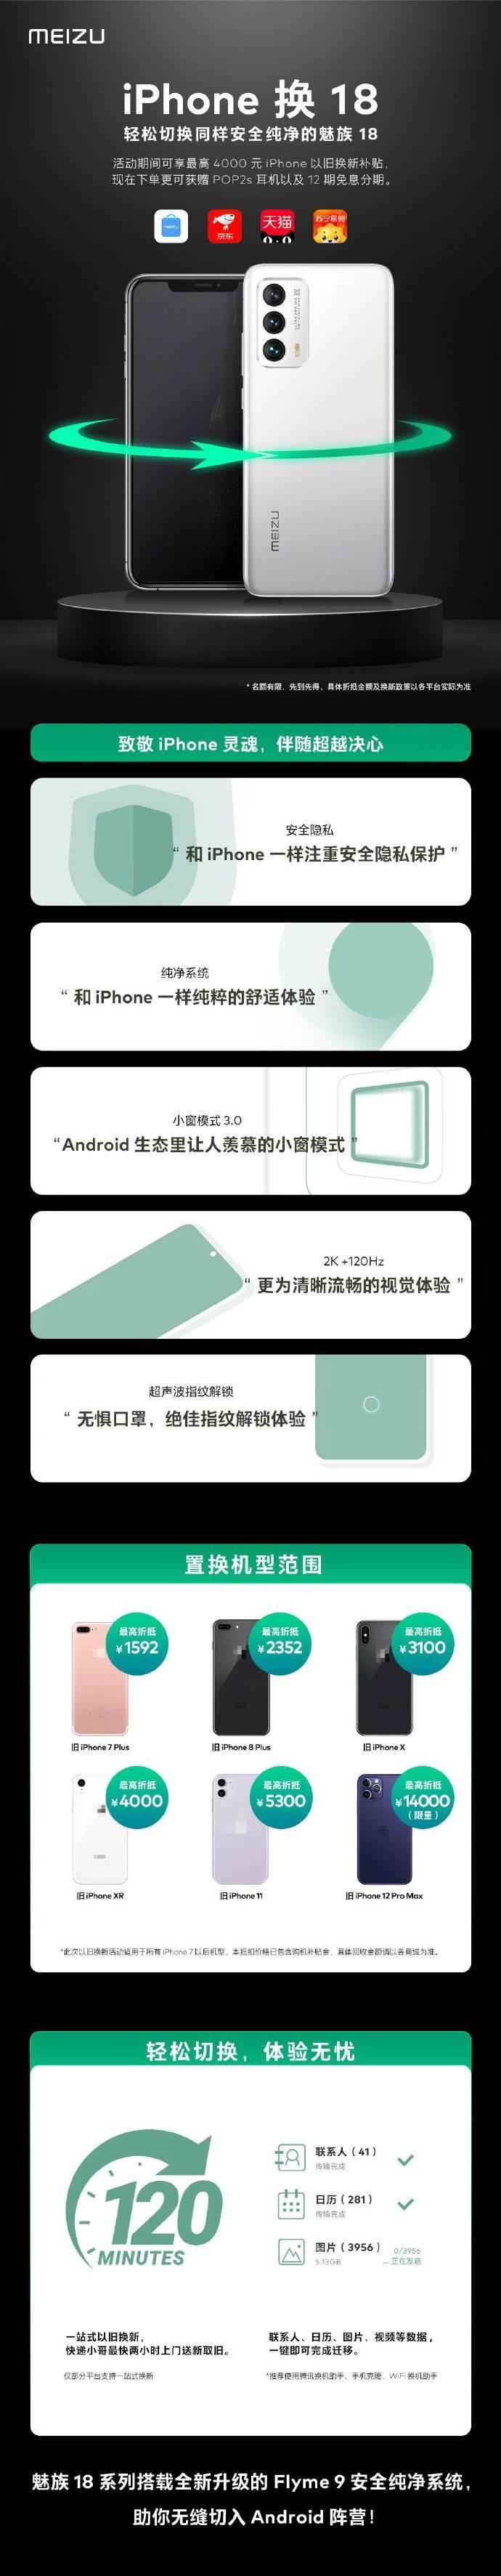 """魅族推出""""iPhone 换 18""""活动:可享最高4000元以旧换新专项补贴"""